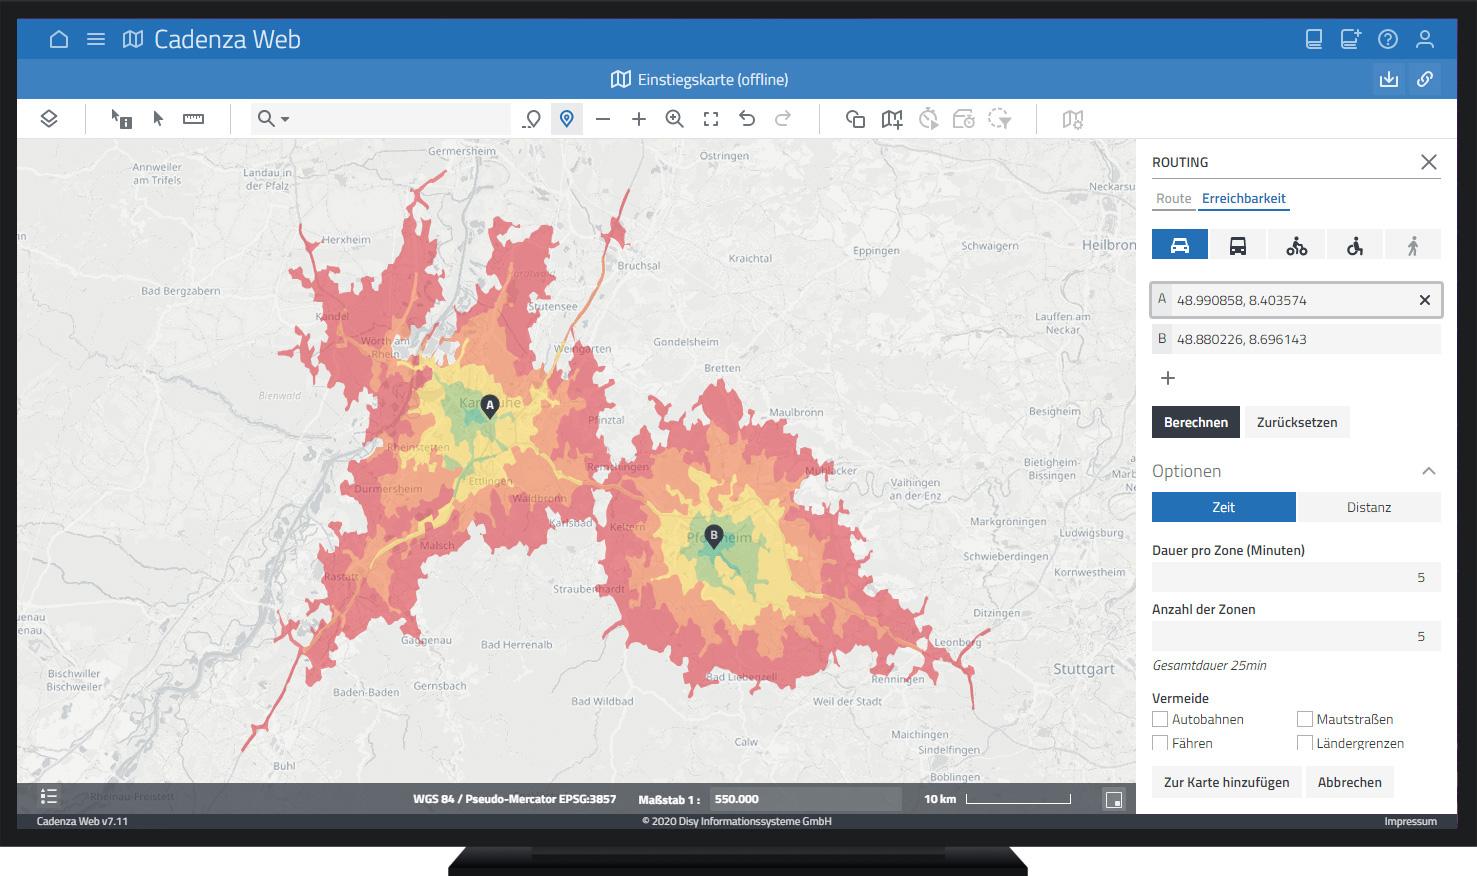 Erreichbarkeit durch Isochrone ermitteln mit der Datenanalyse-Software Cadenza